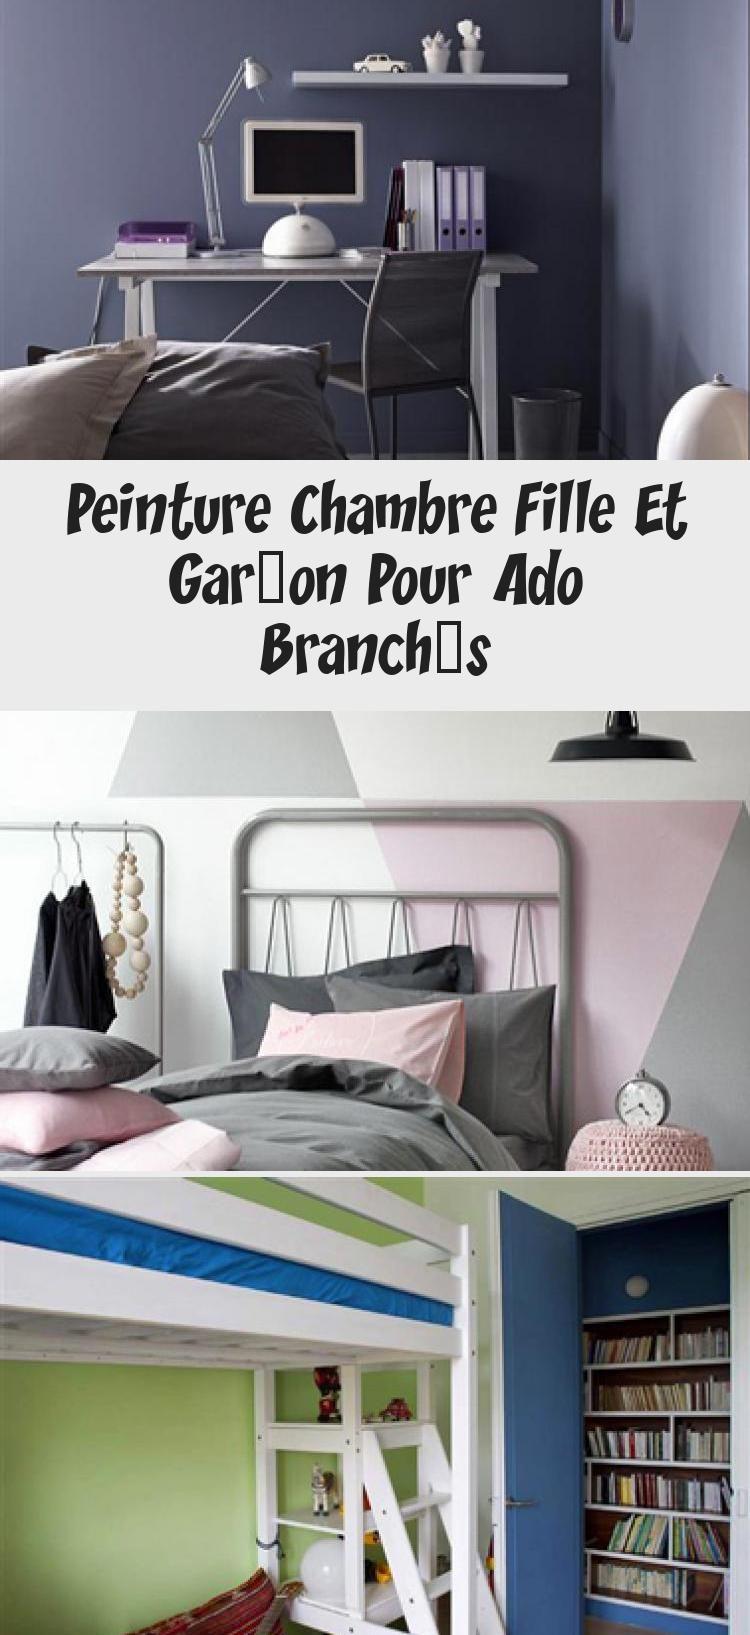 Peinture Chambre Fille Et Garcon Pour Ado Branches